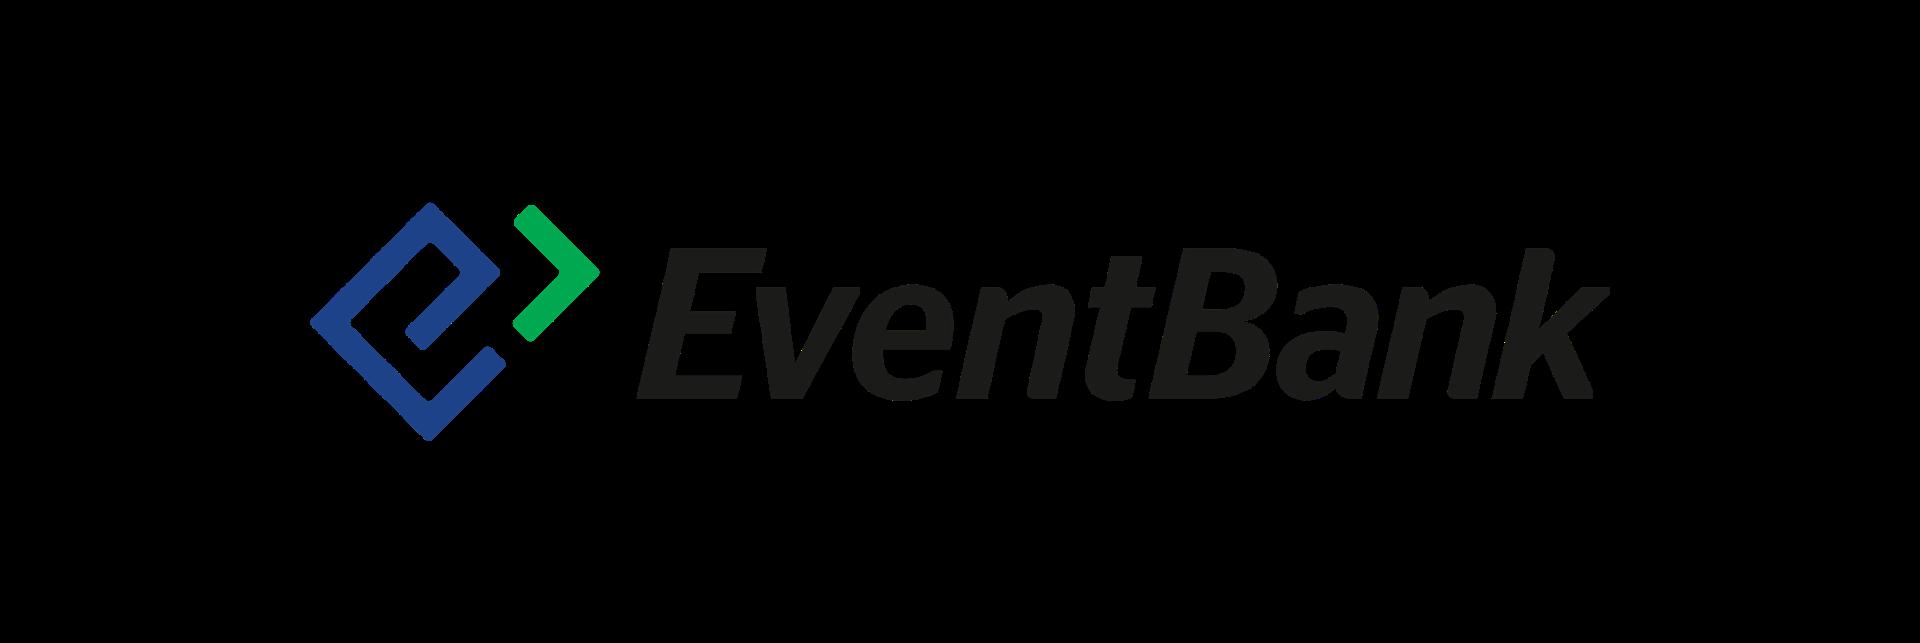 EventBank logo